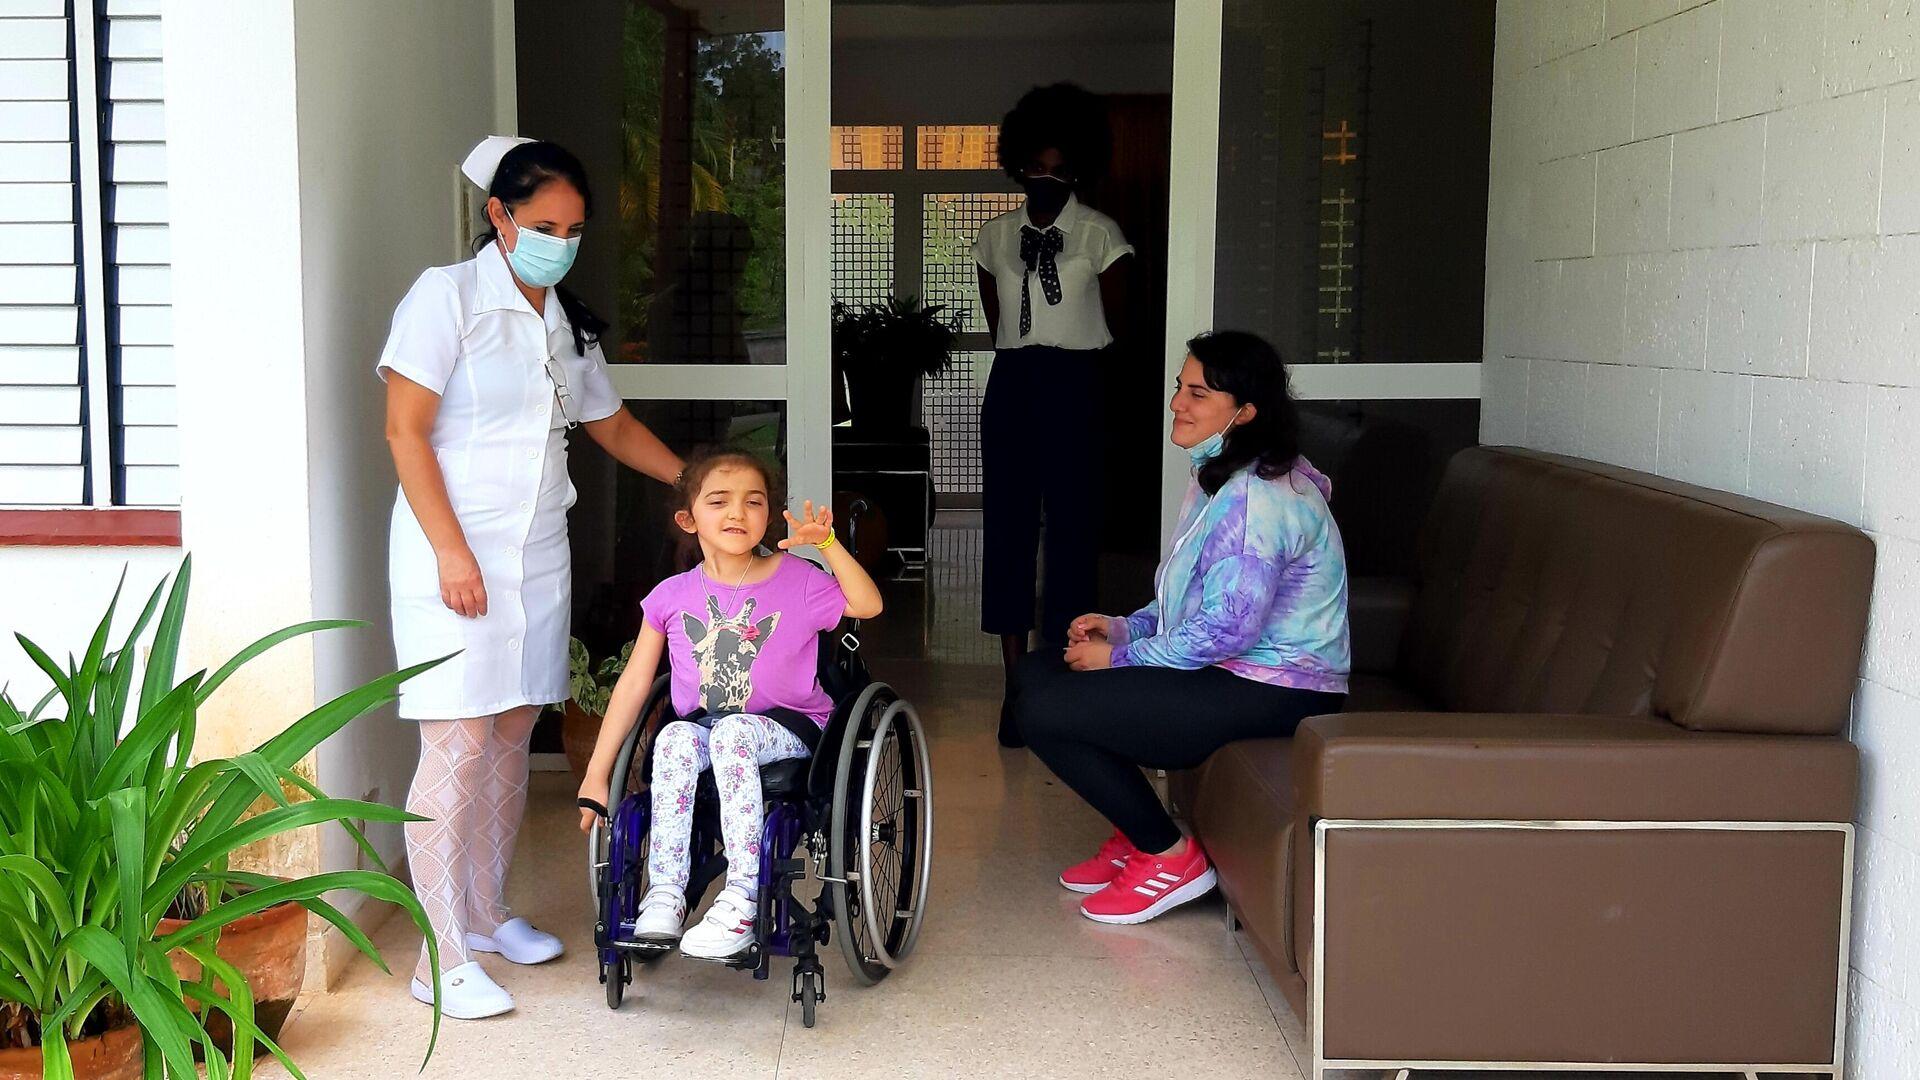 La niña Aurora en su primer día de tratamiento en el Centro Internacional de Restauración Neurológica (Ciren) en La Habana, Cuba - Sputnik Mundo, 1920, 01.07.2021